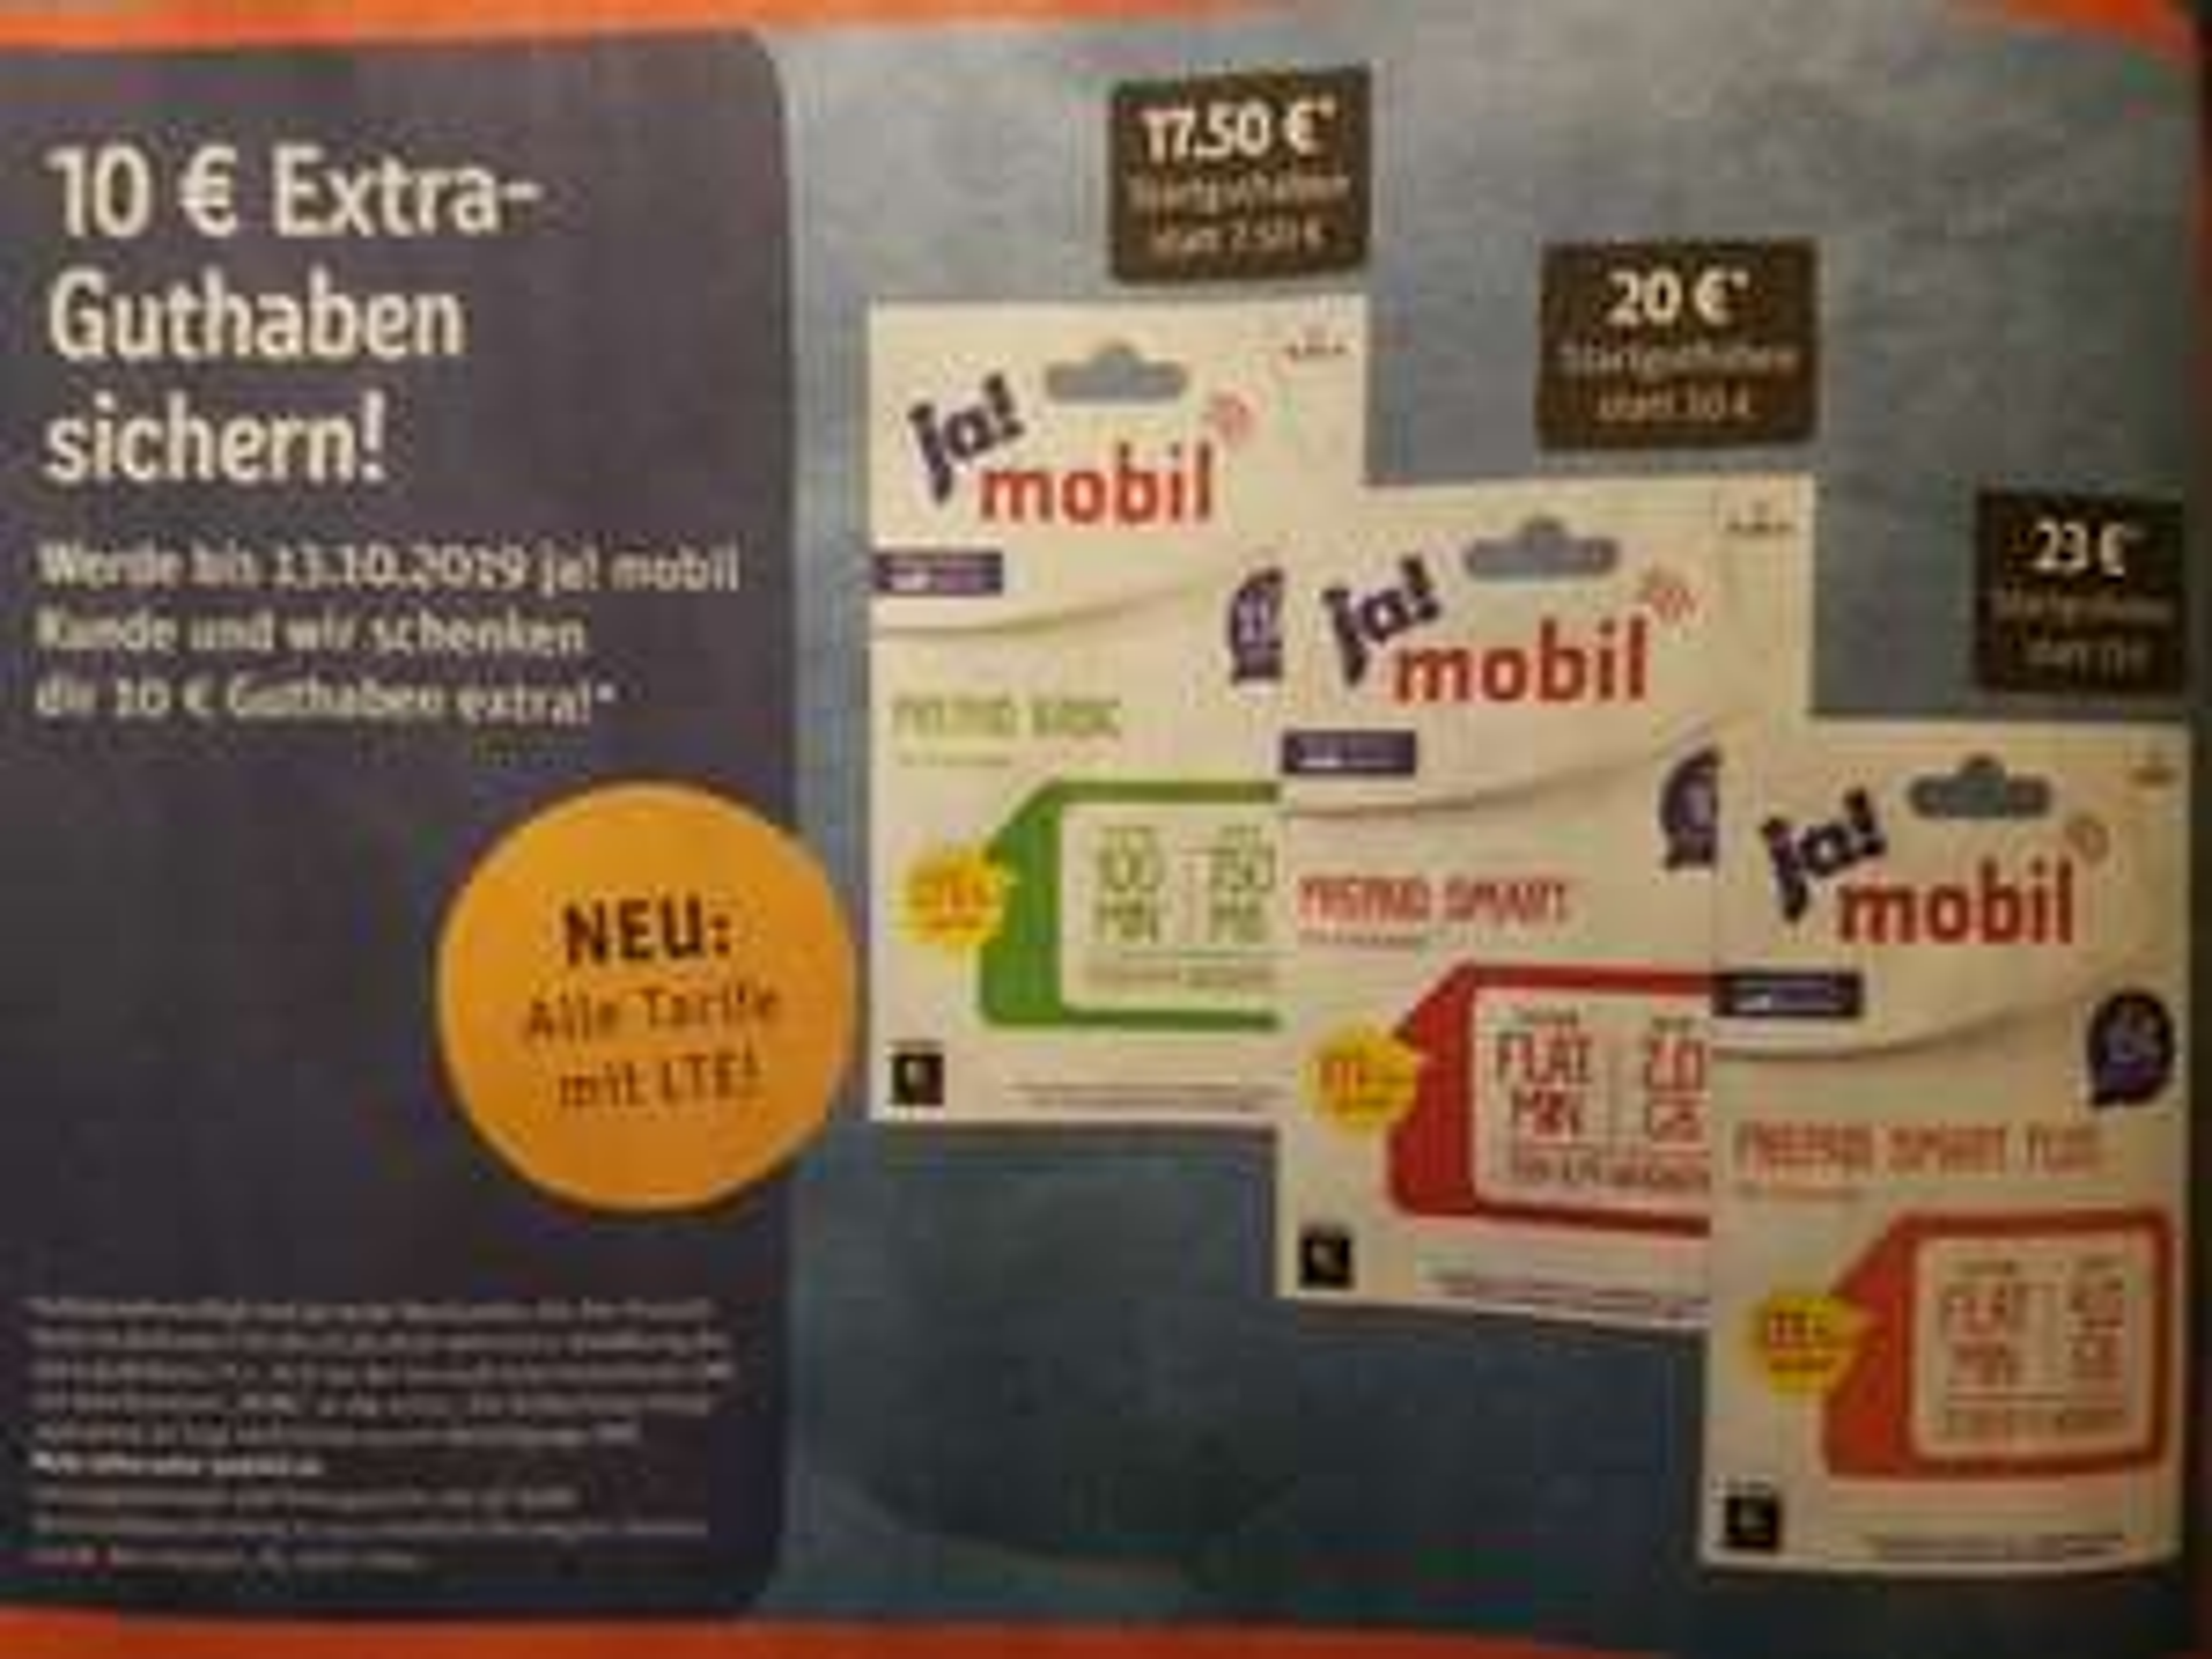 [Telekom-Netz] Rewe & Ja! Mobil Prepaid LTE 25: 10 € Extra Guthaben z.B 2 GB LTE + Allnet-Flat 7,99 € + bis zu 6 Monate gratis Tidal Premium